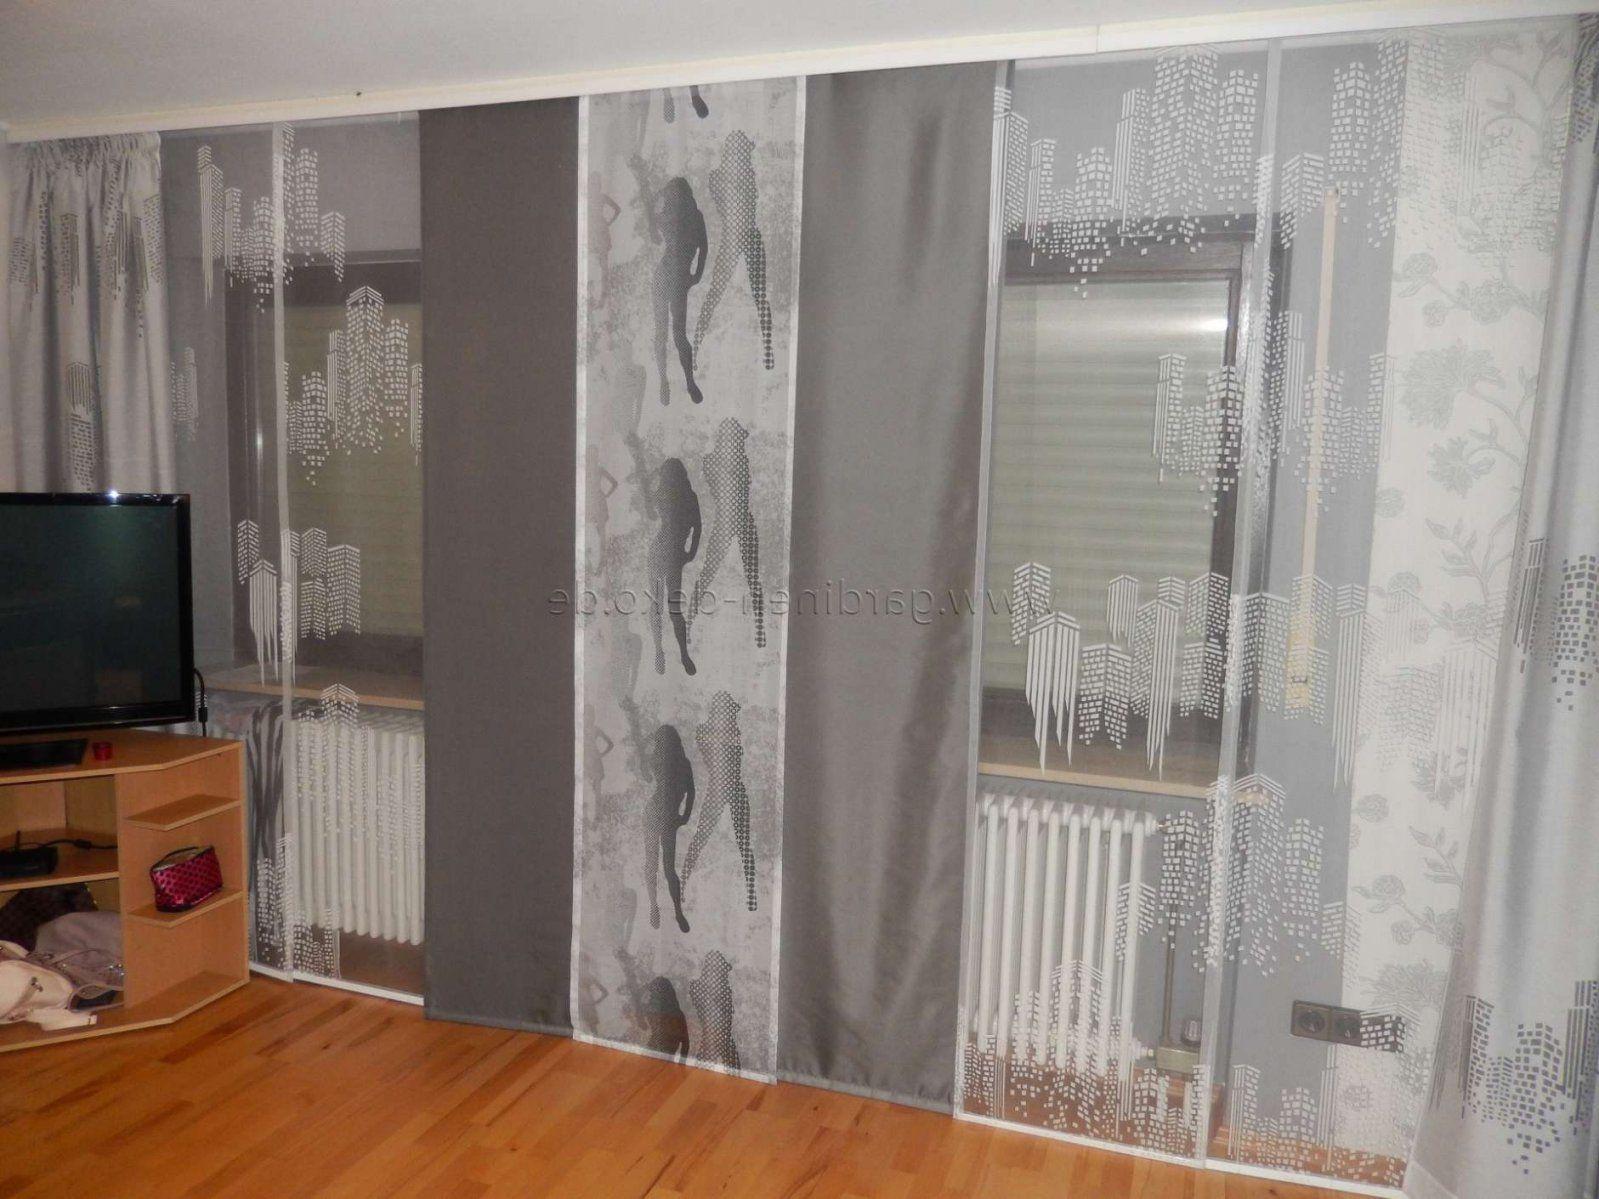 Wie Gestalte Ich Mein Wohnzimmer Gemütlich  Wohndesign von Wie Gestalte Ich Mein Wohnzimmer Gemütlich Photo